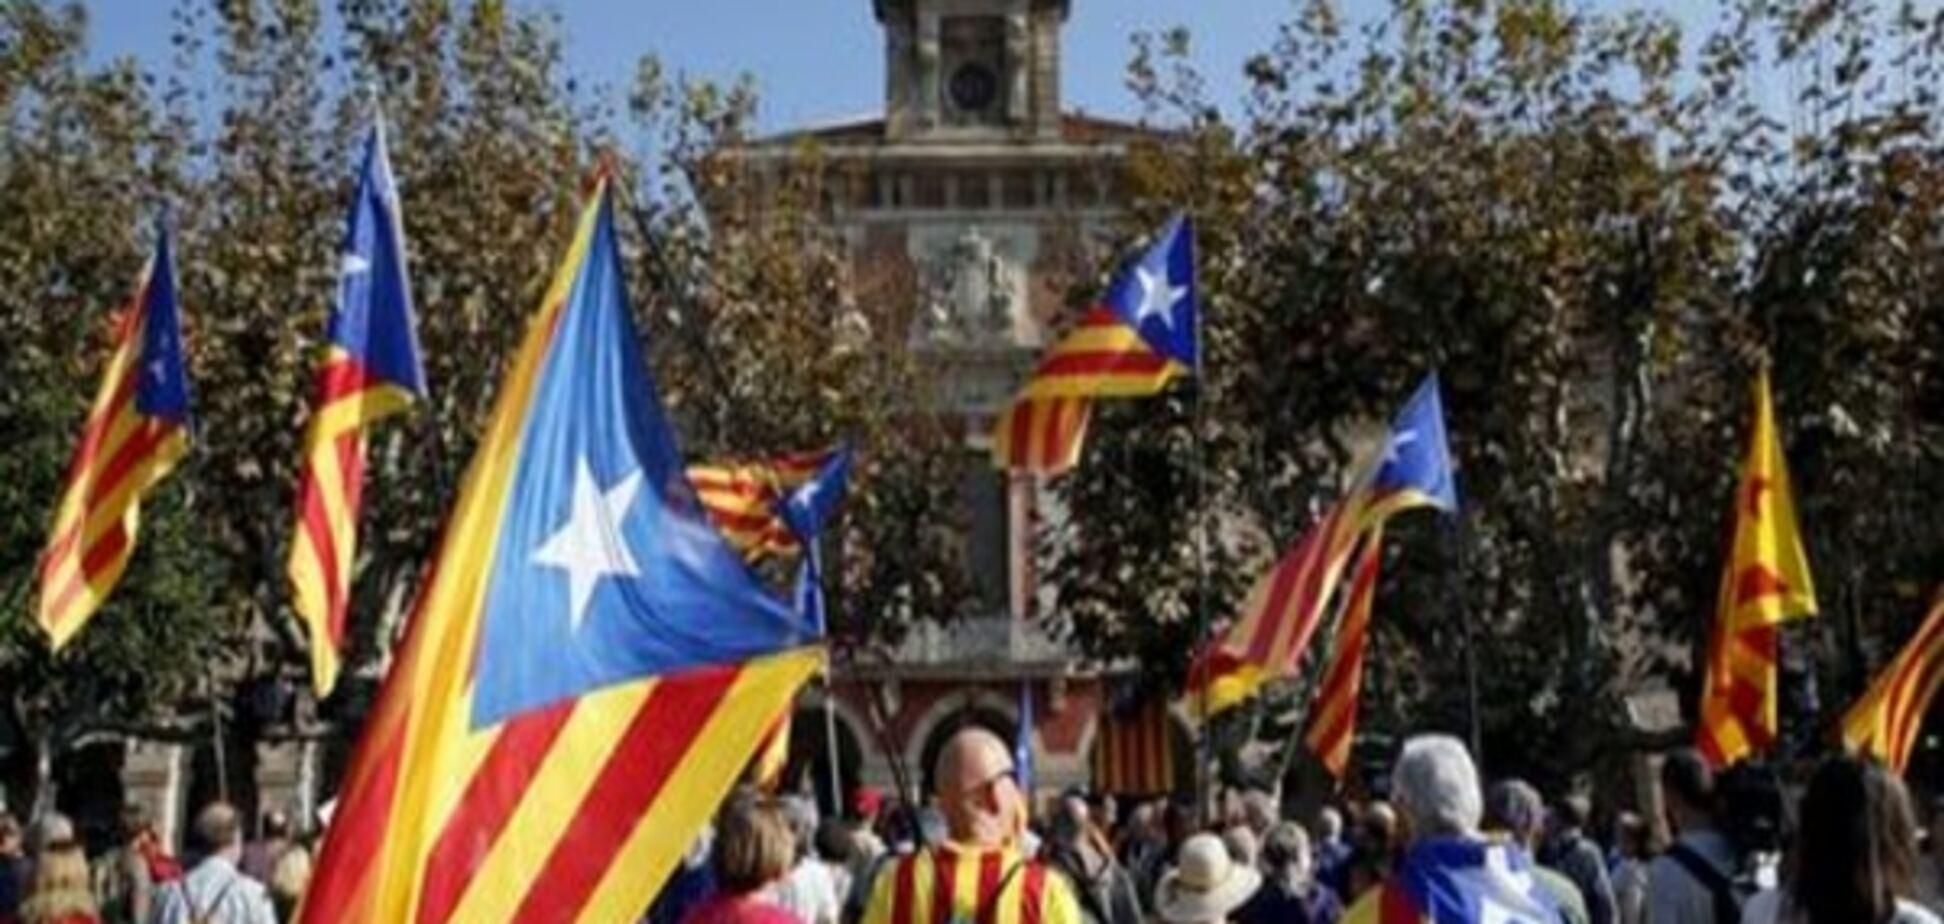 Суд визнав недійсною резолюцію про відокремлення Каталонії